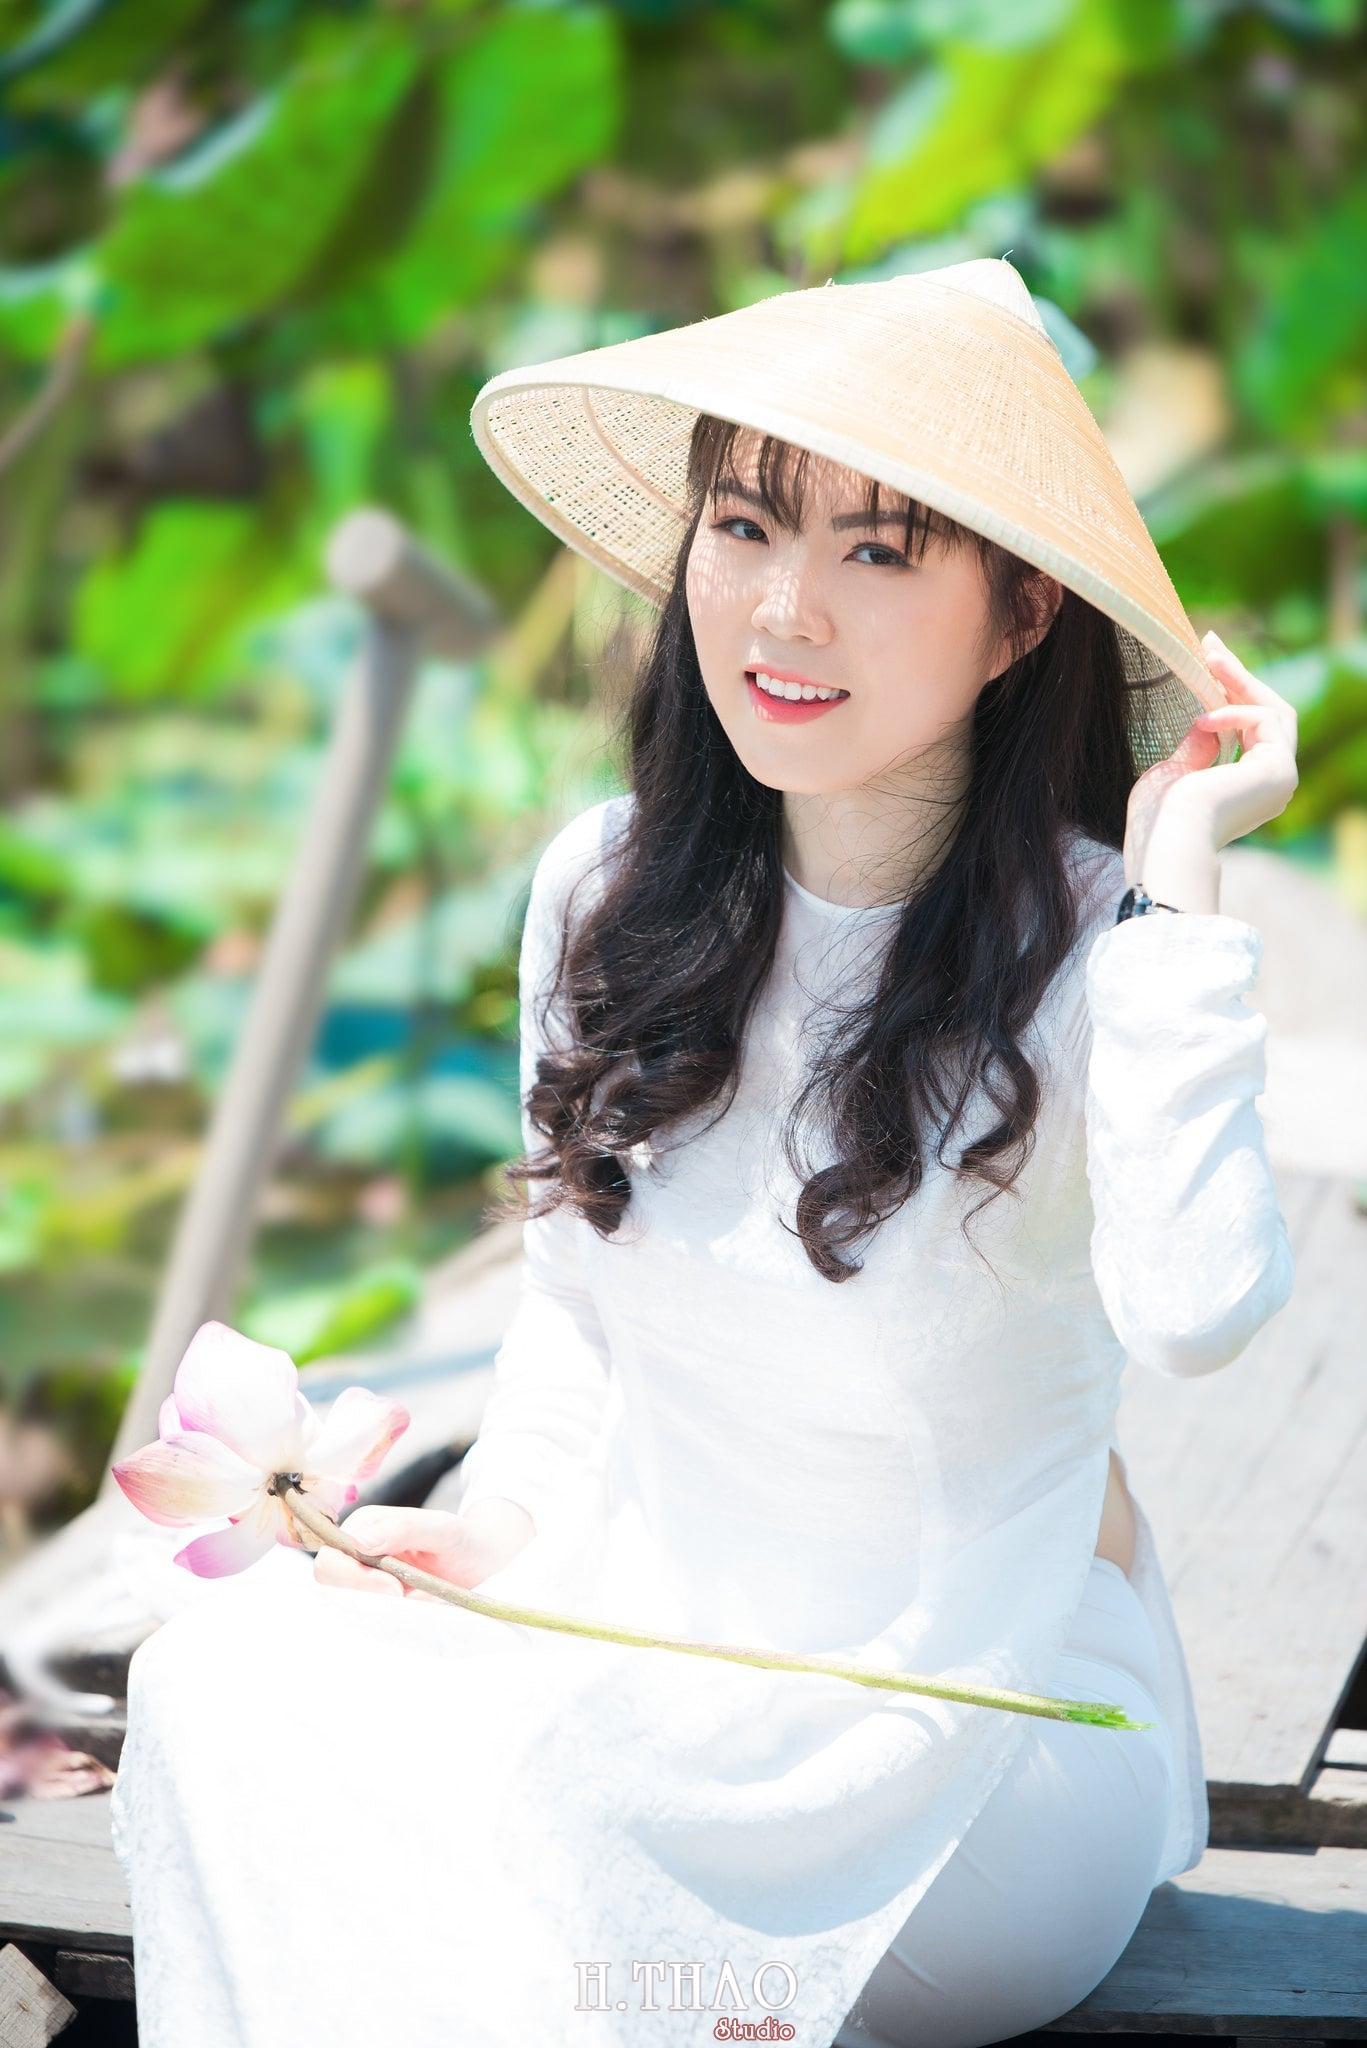 nh áo dài hoa sen 33 - Góc ảnh thiếu nữ áo dài bên hoa sen đẹp tinh khôi- HThao Studio